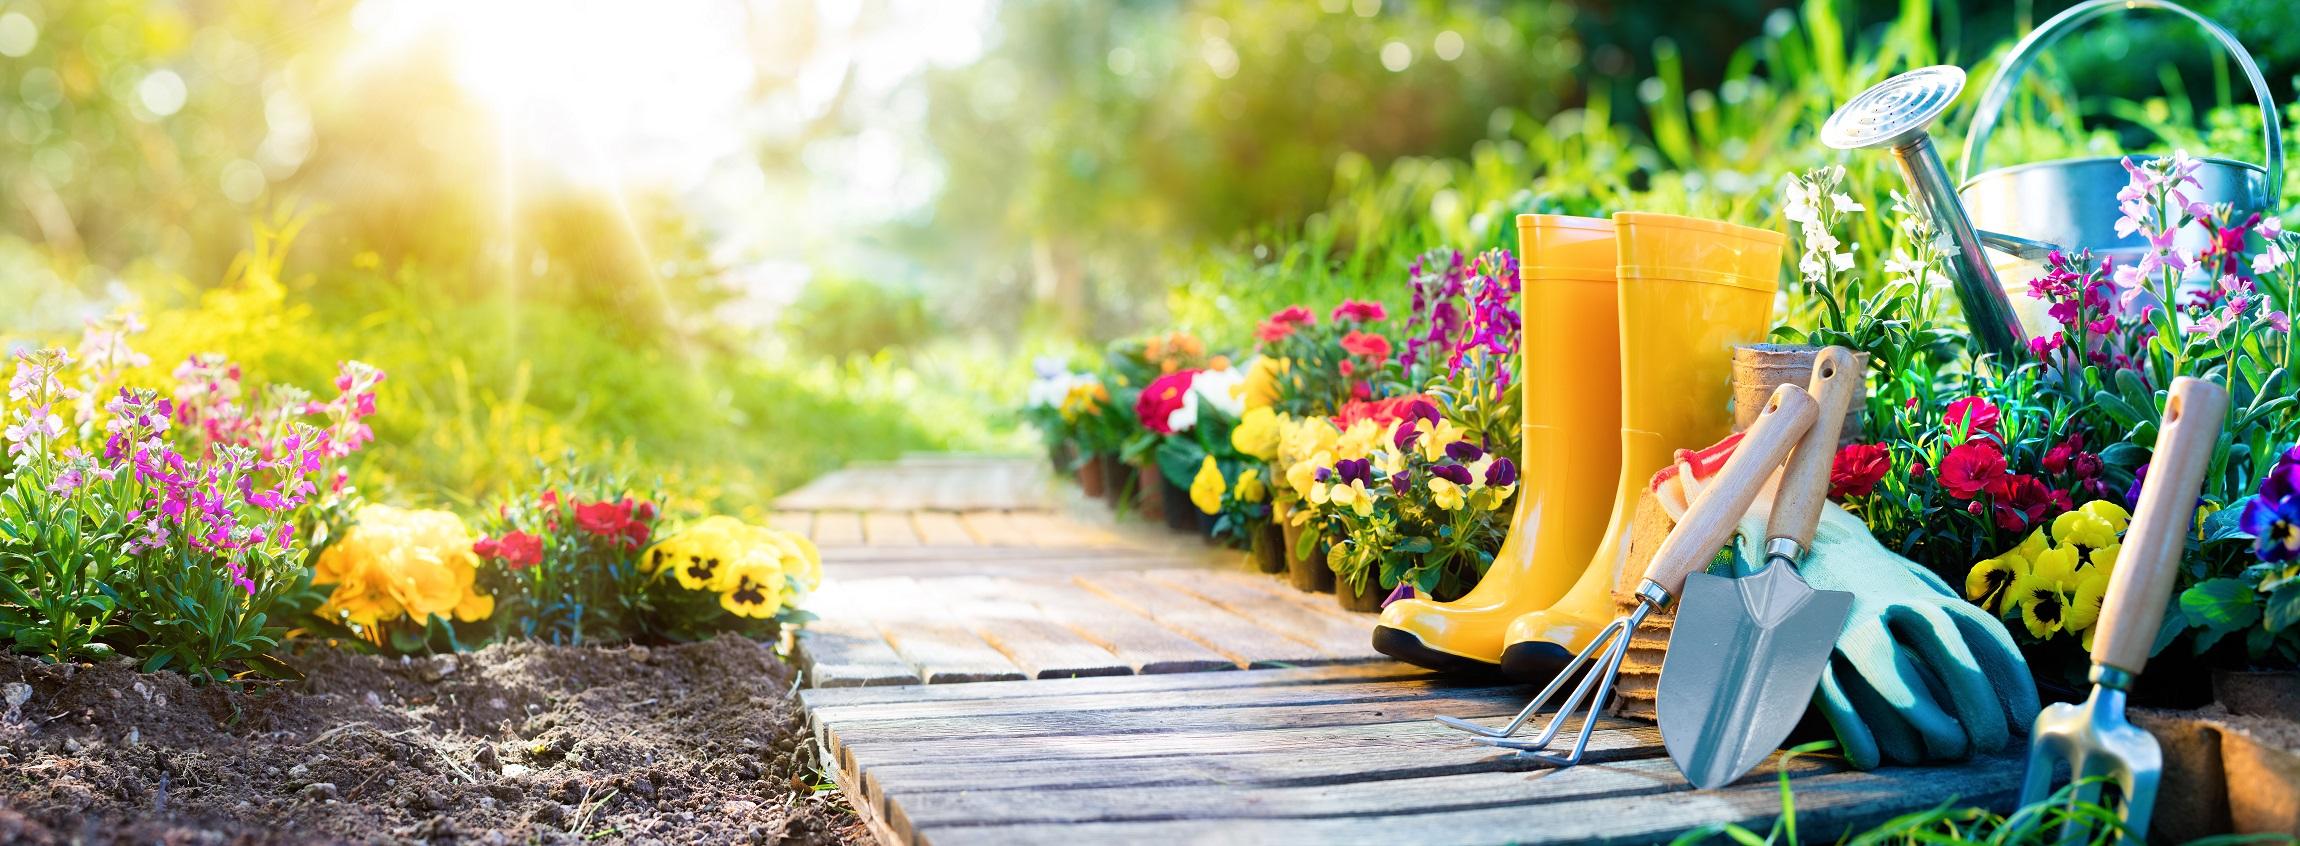 Garden small - Copy.jpg